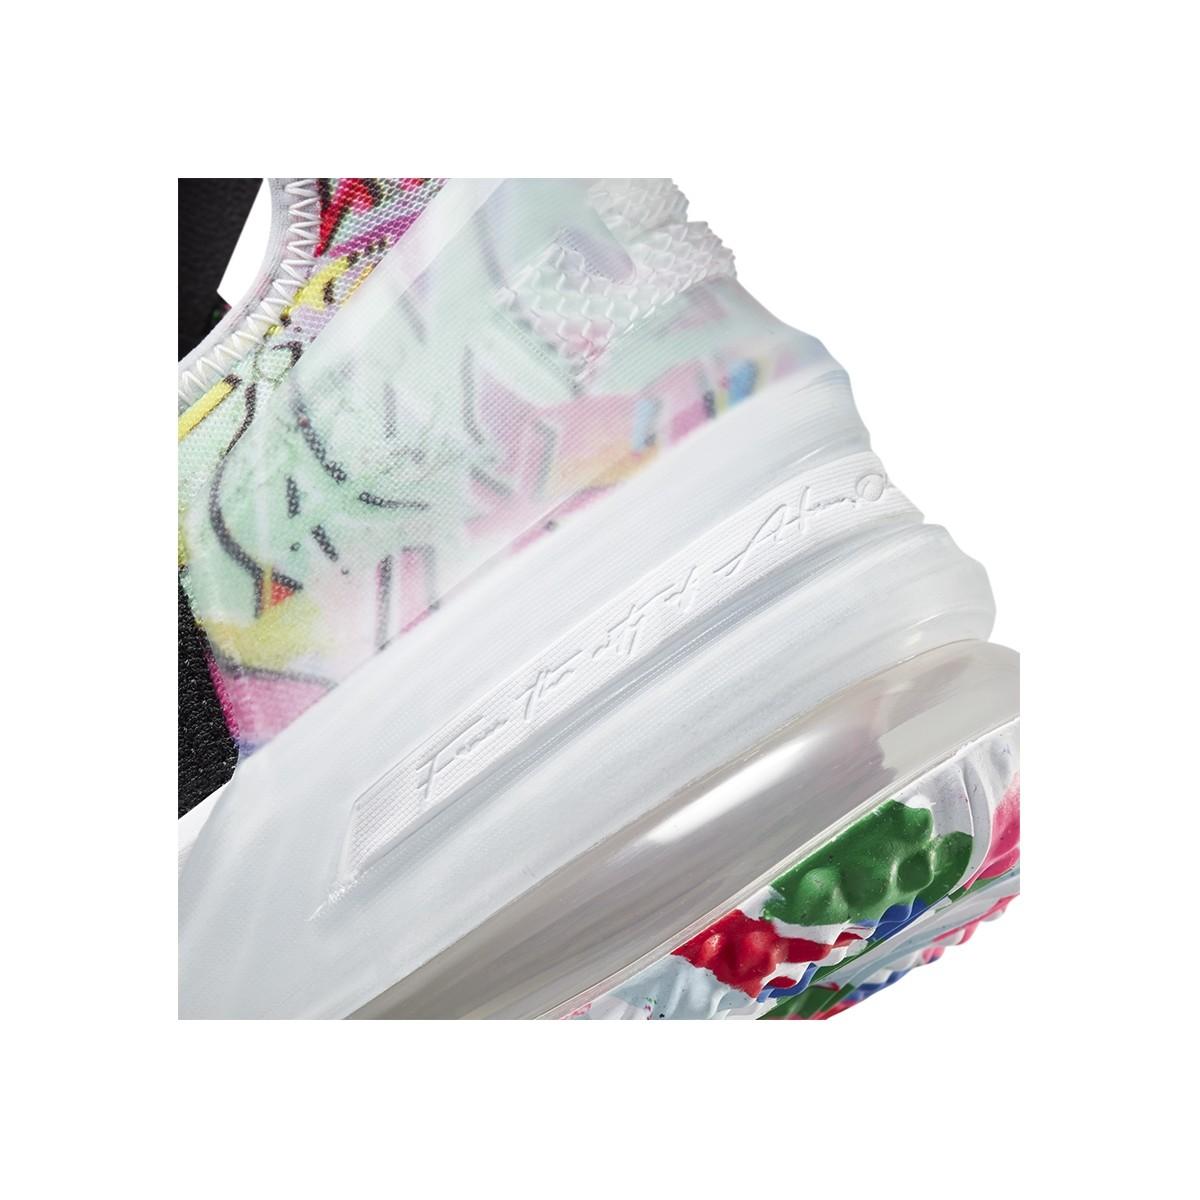 Nike LeBron 18 'James Gang'-CQ9283-002